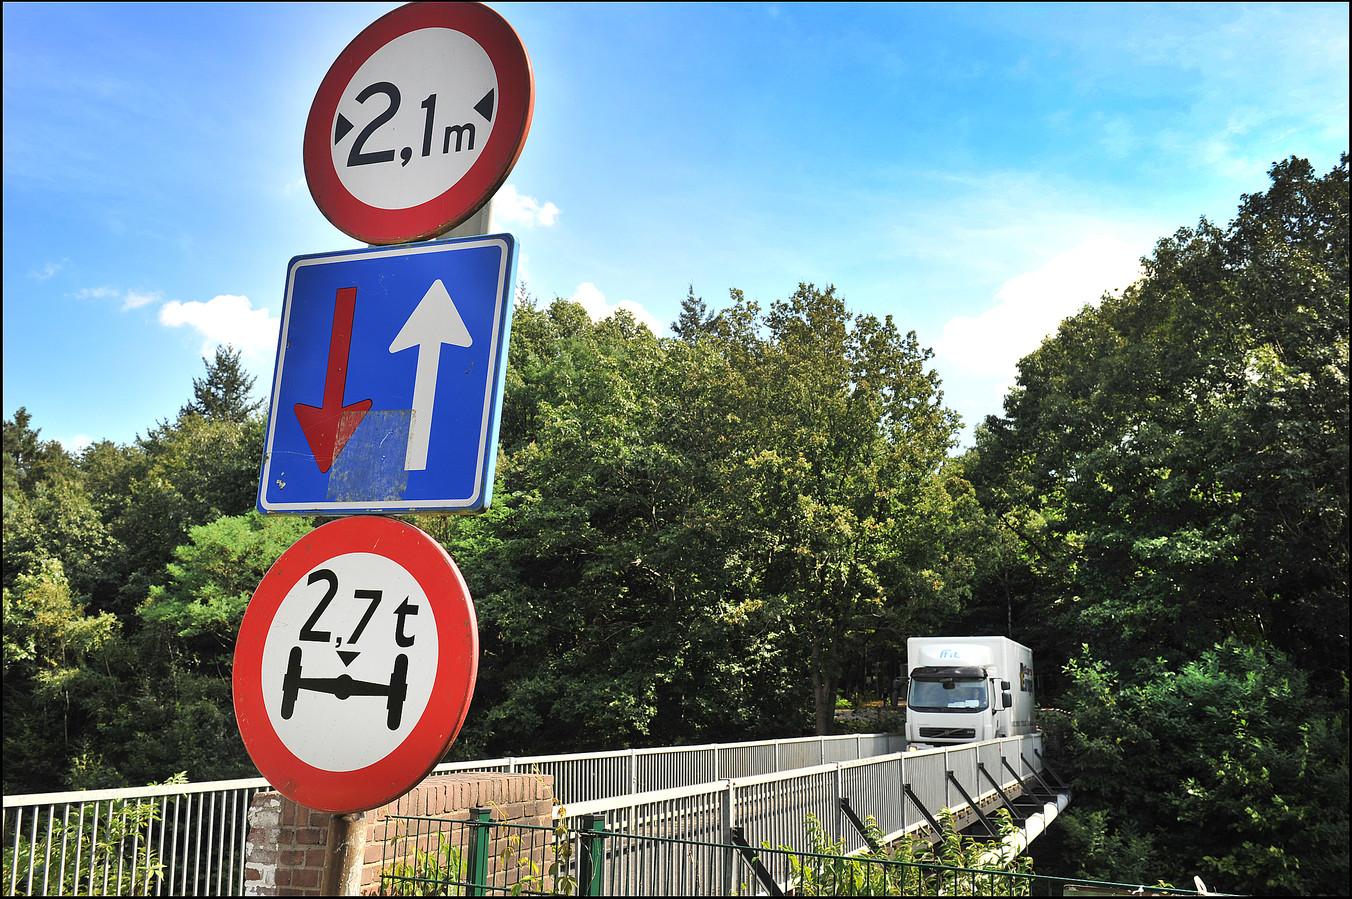 Meer dan één auto tegelijkertijd gaat niet, op het spoorbruggetje in Molenhoek.